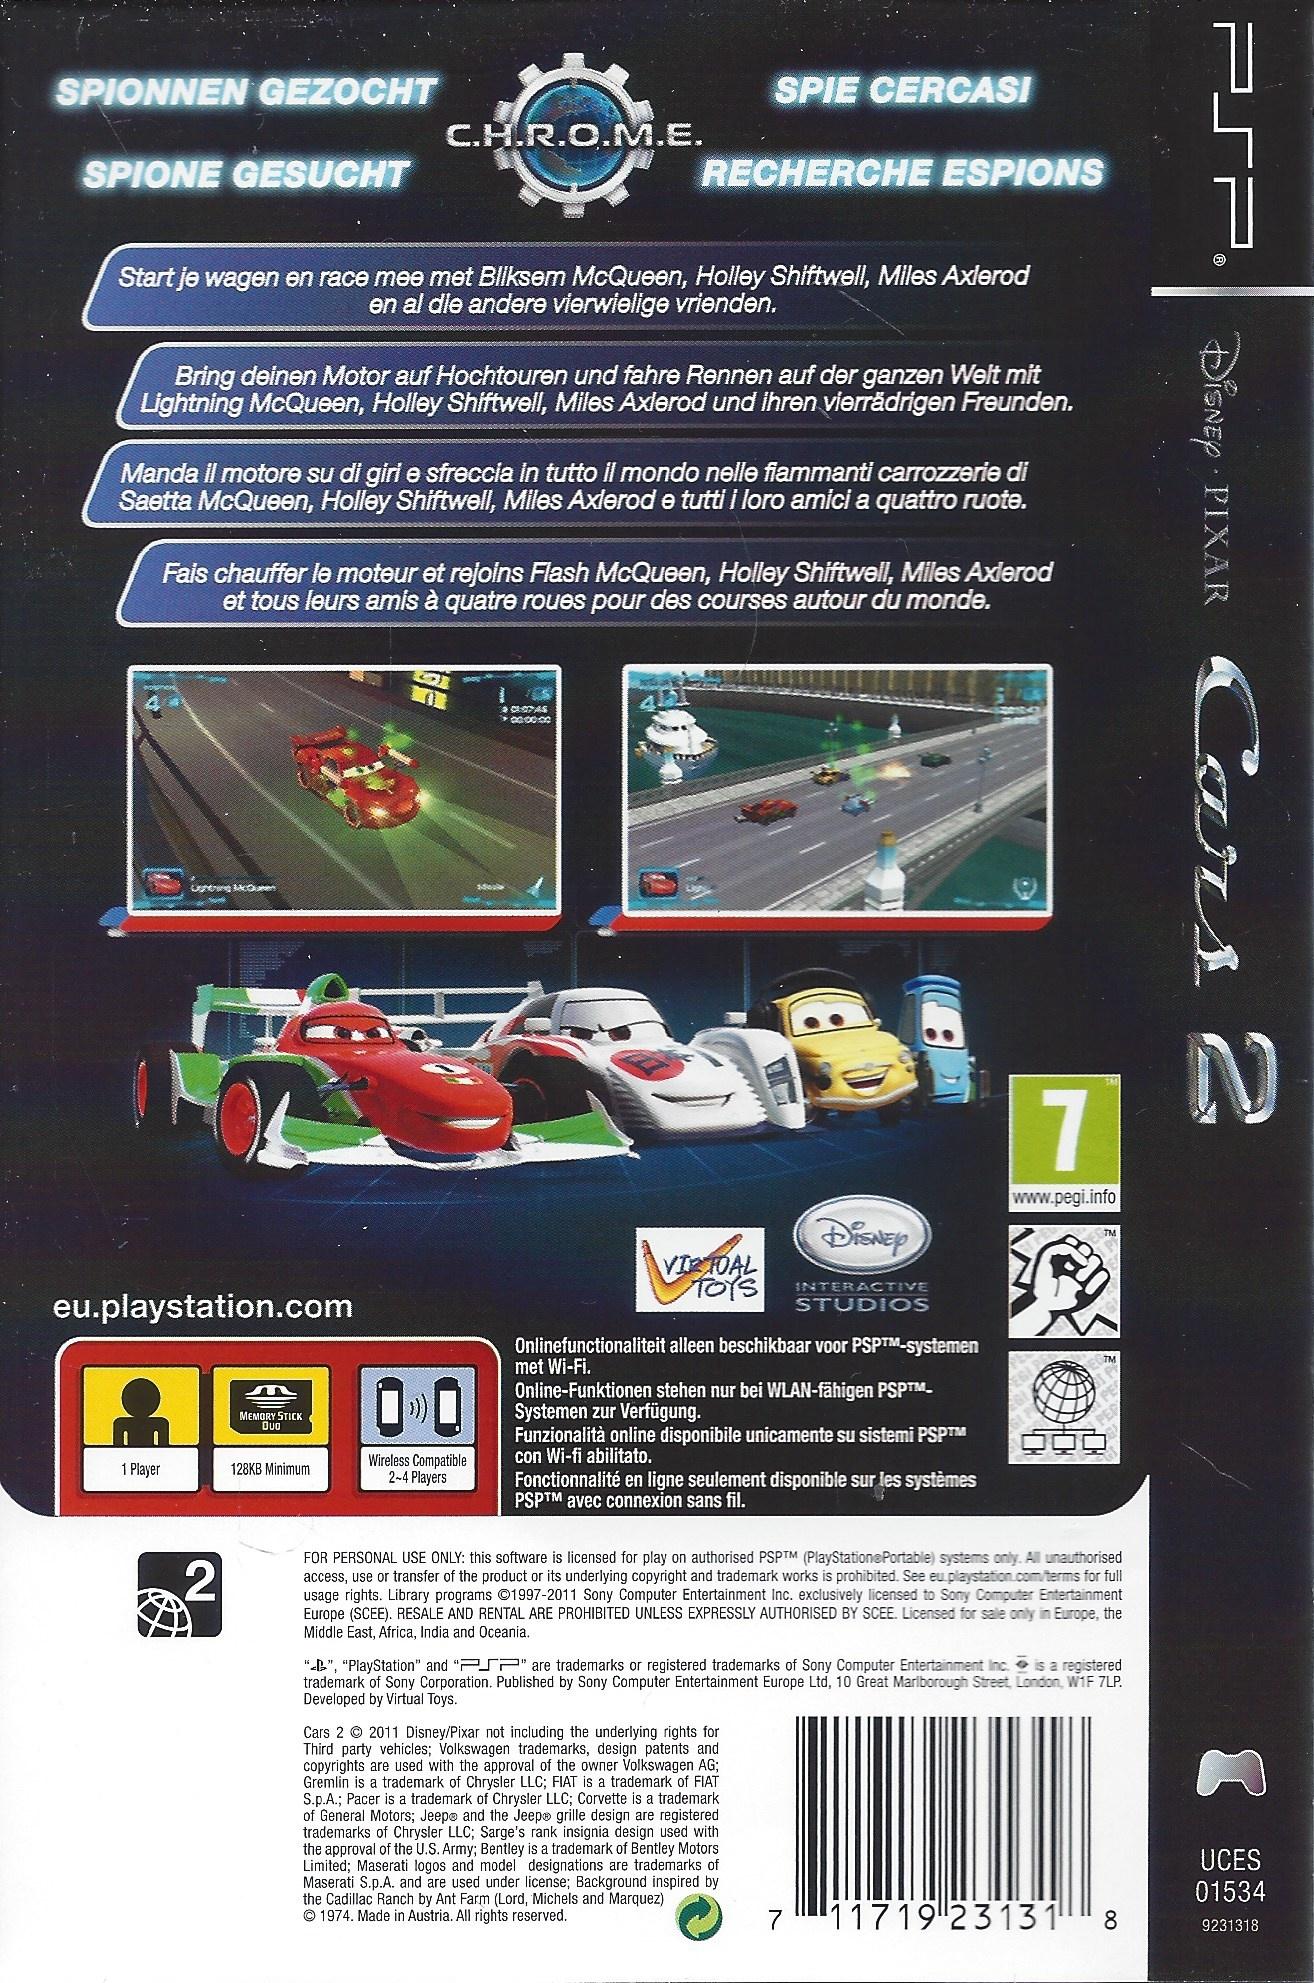 Disney Pixar Cars 2 For Playstation Portable Psp - Passion tout Quatres Image Un Mot